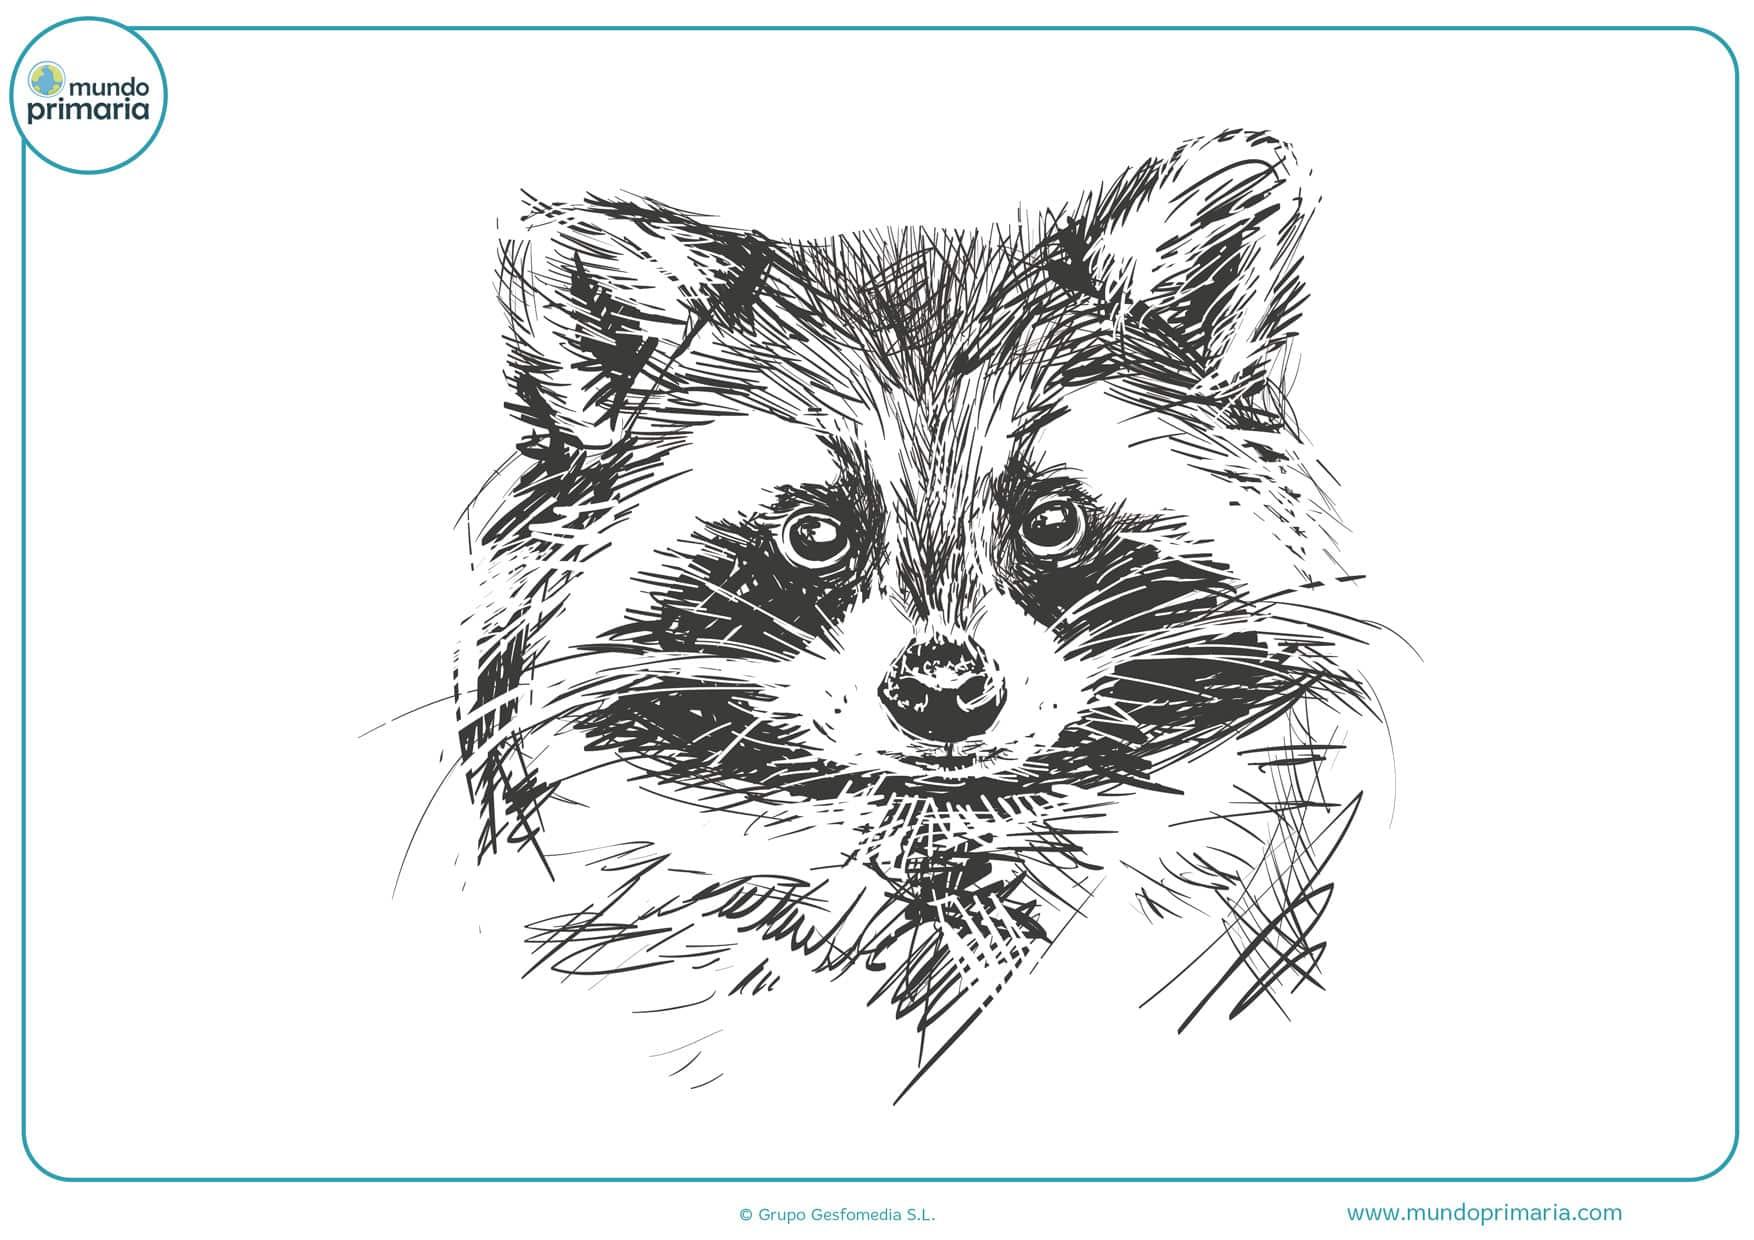 dibujos a lápiz divertidos para colorear